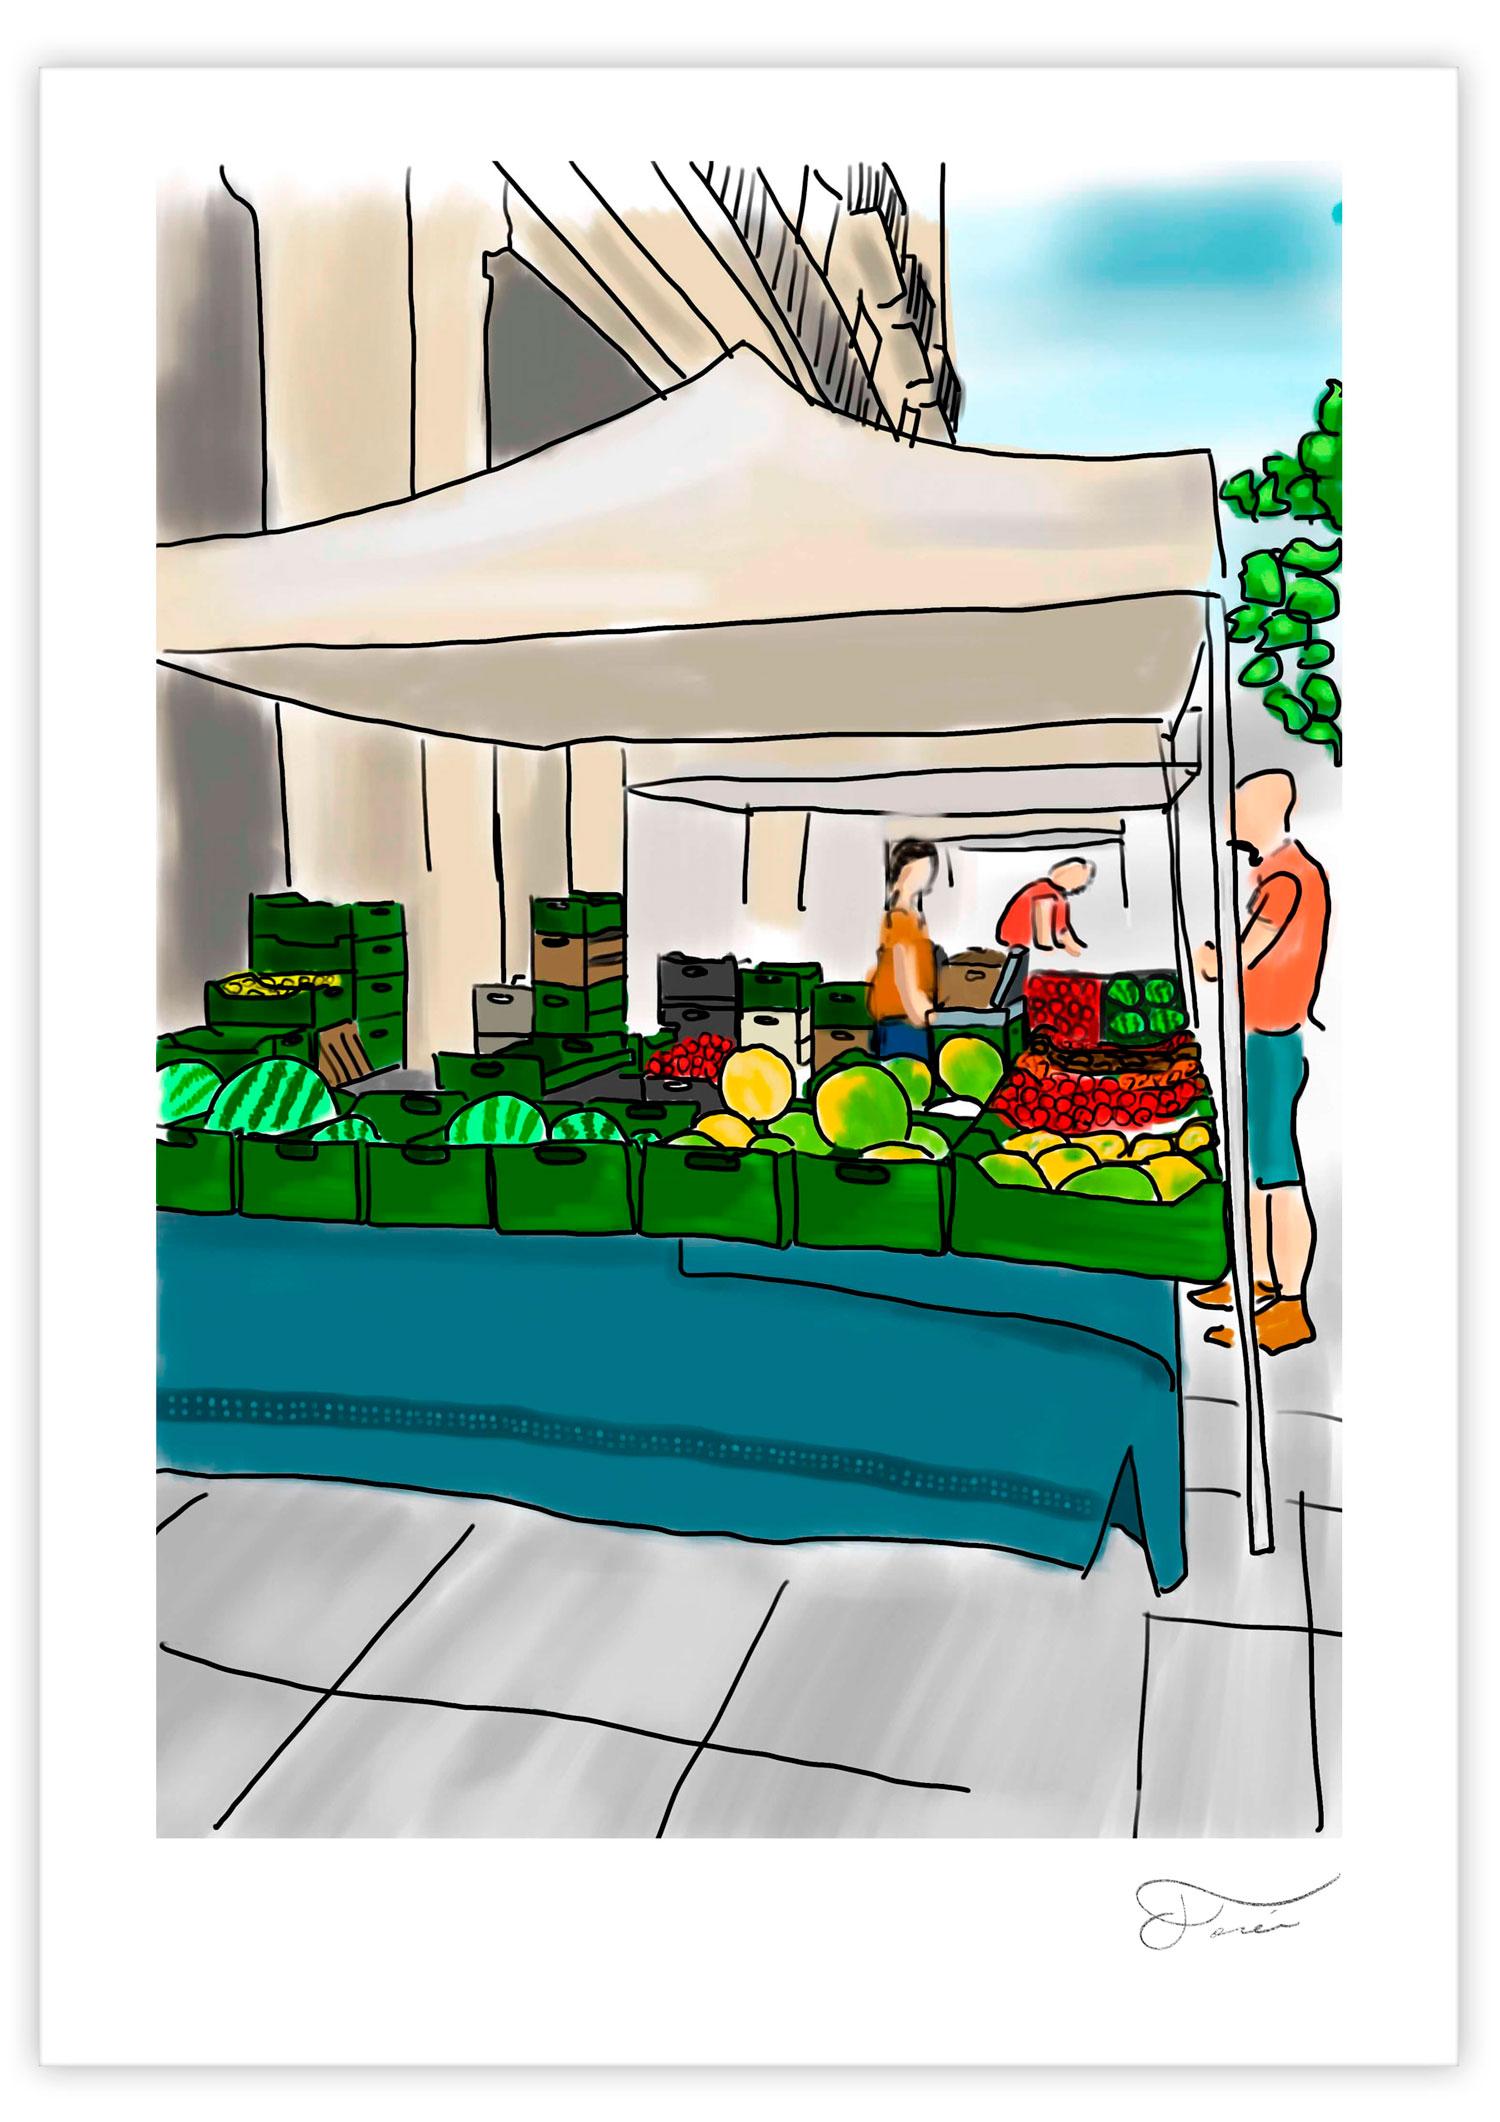 Ilustración mercado de agricultura ecológica realizada por Carlos Forcen.